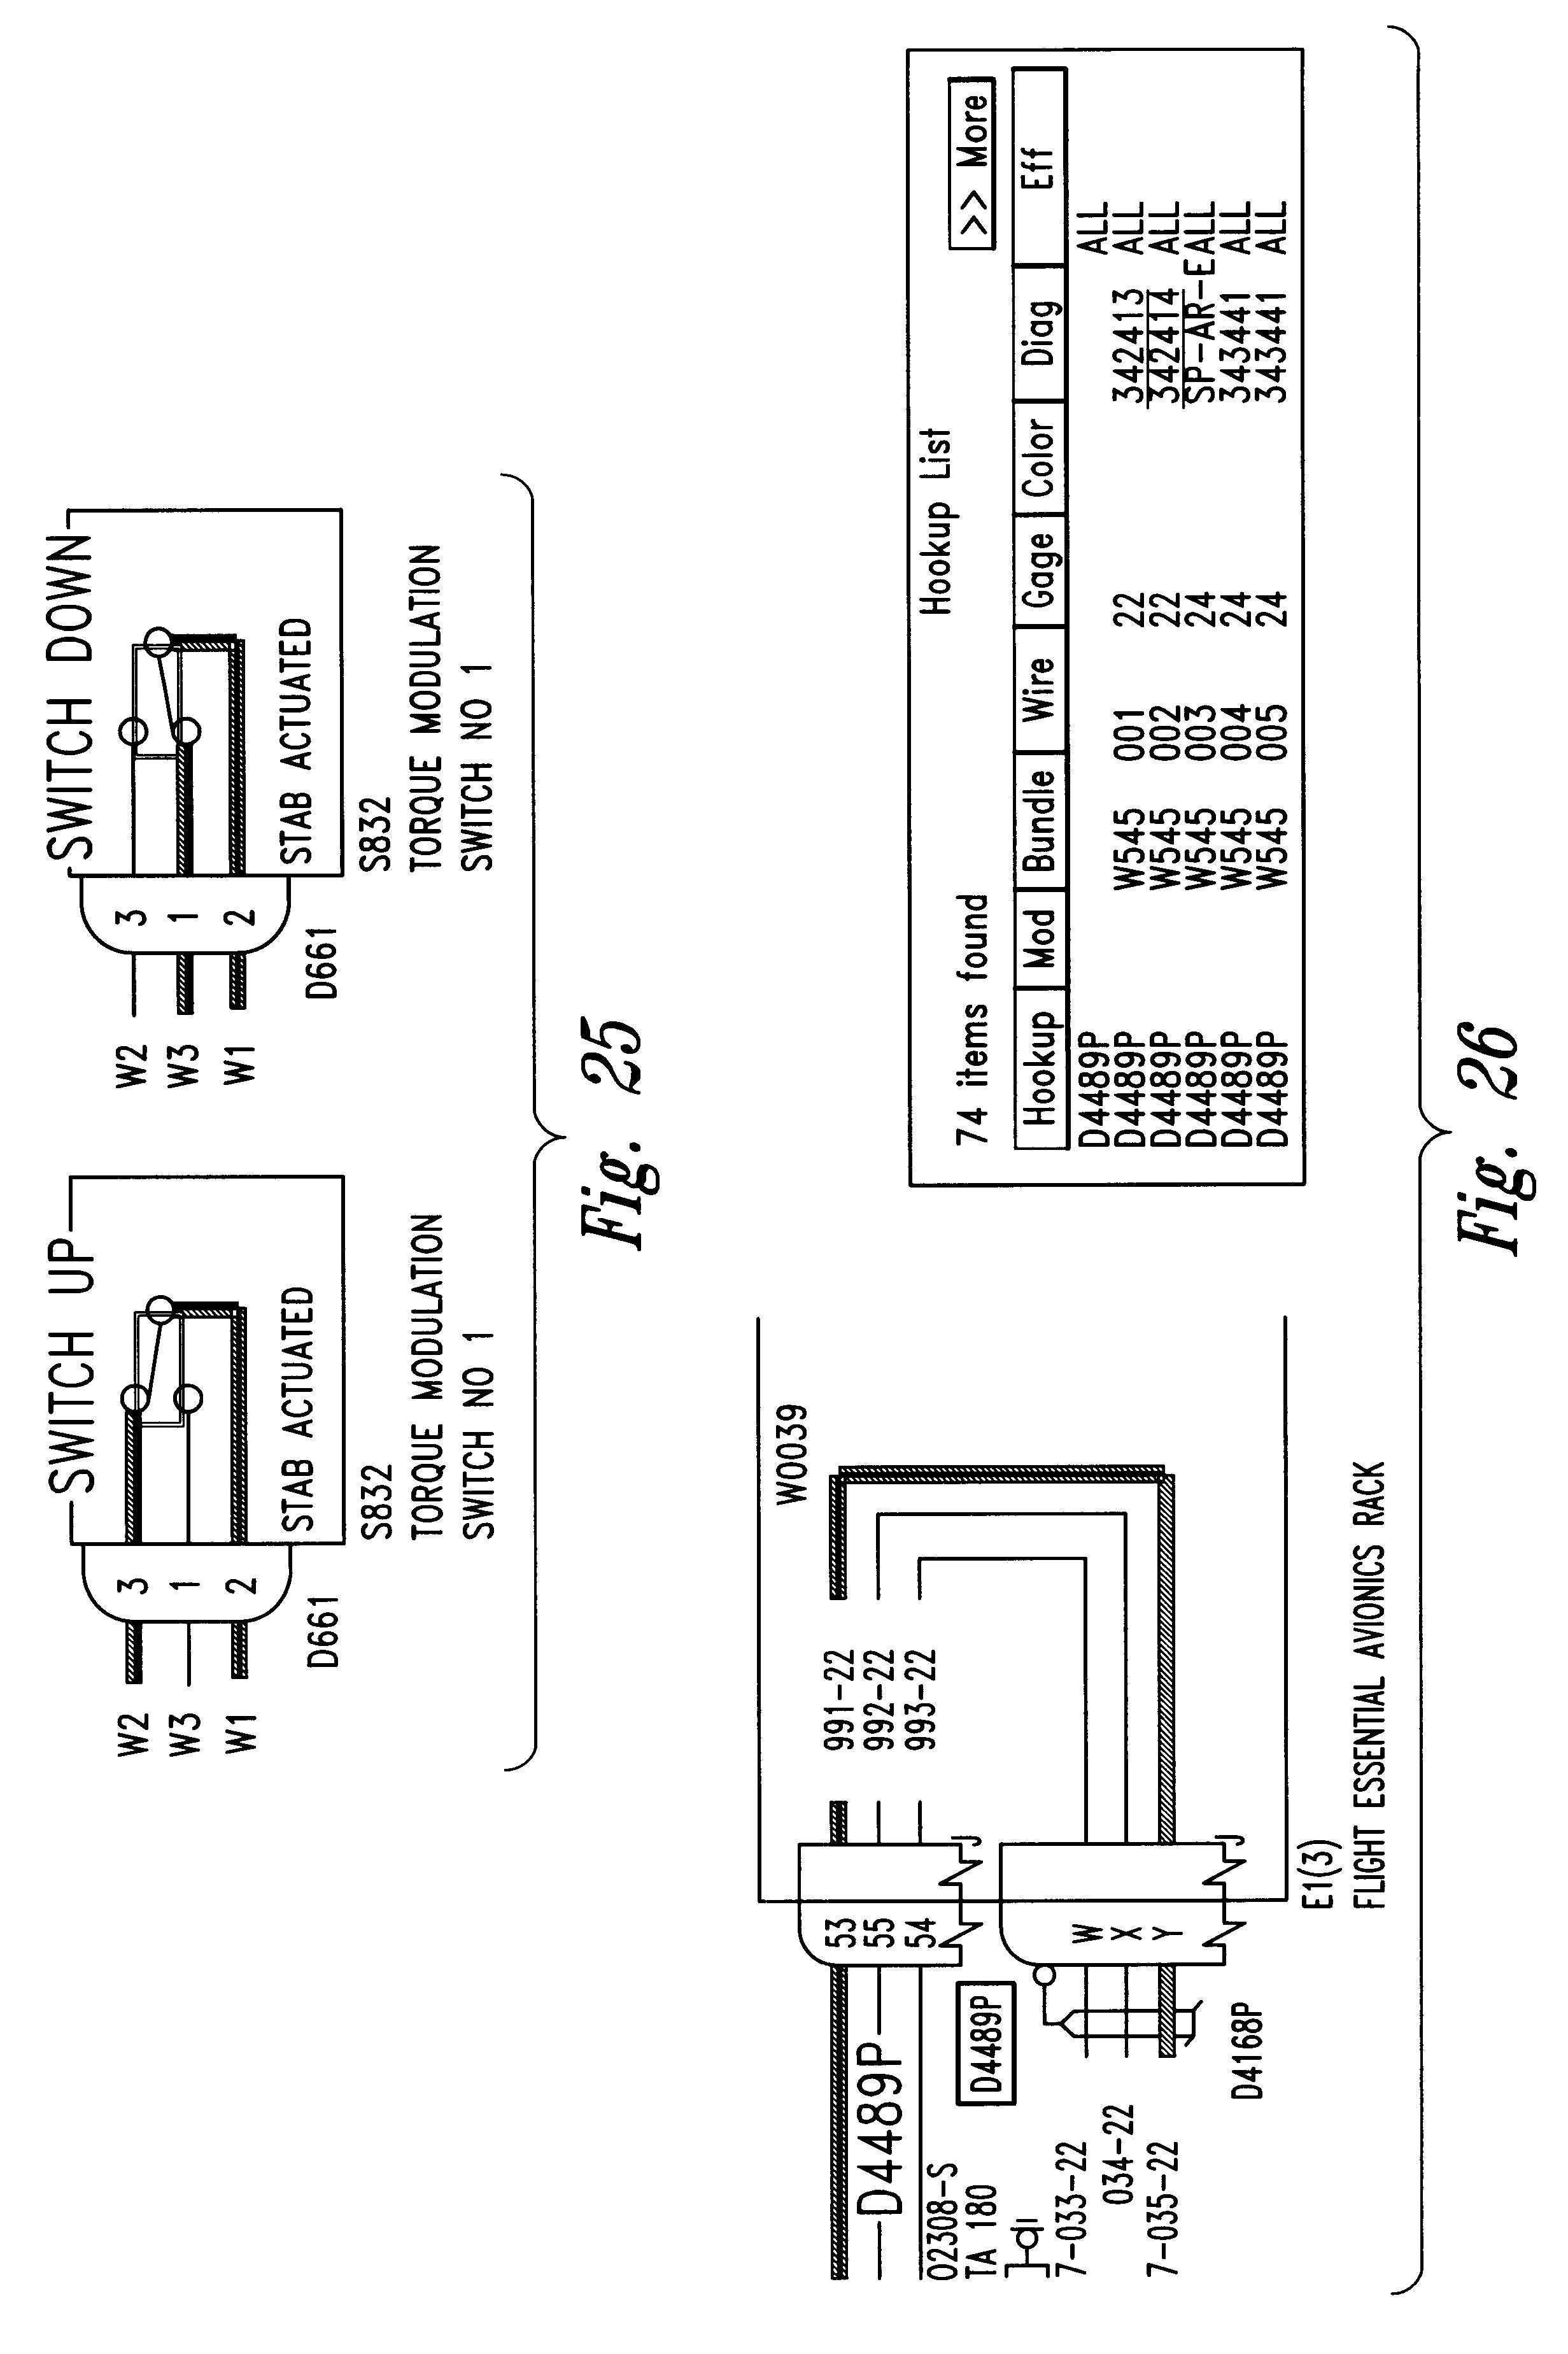 patent us6606731